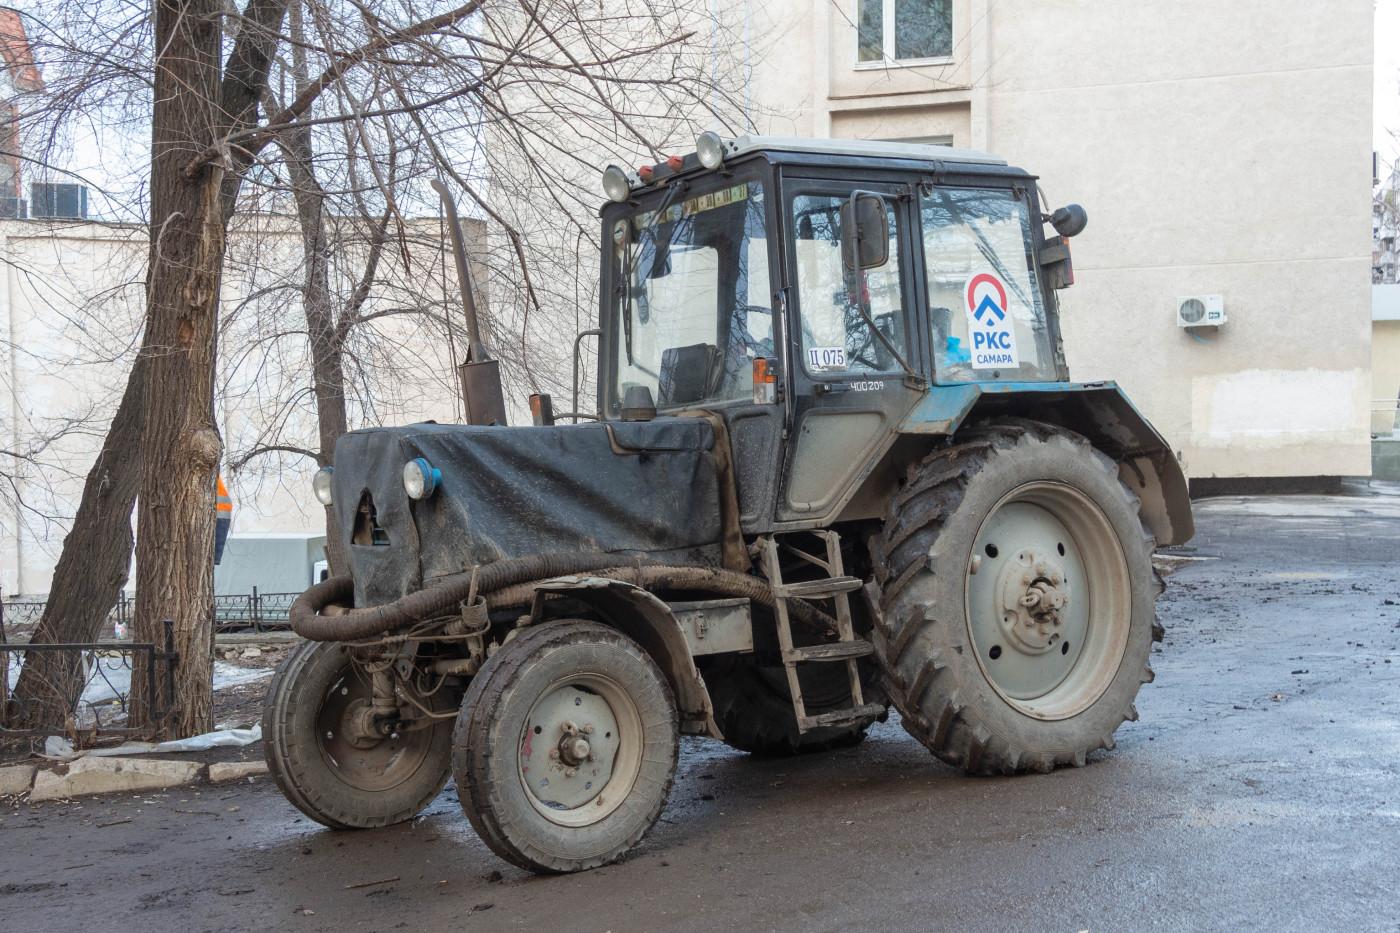 трактор МТЗ-82.1 с насосным оборудованием. г. Самара, ул. Ново-Садовая